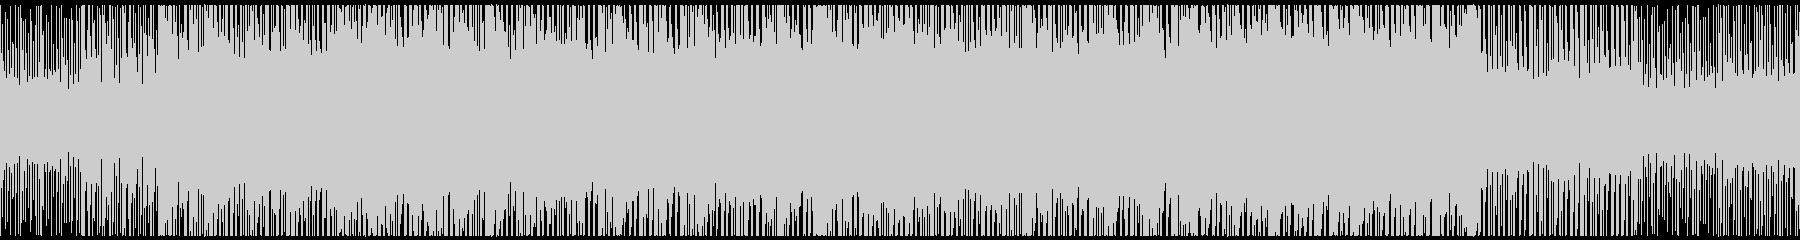 獄門鬼・毘沙門/和風ノーマルバトルの未再生の波形